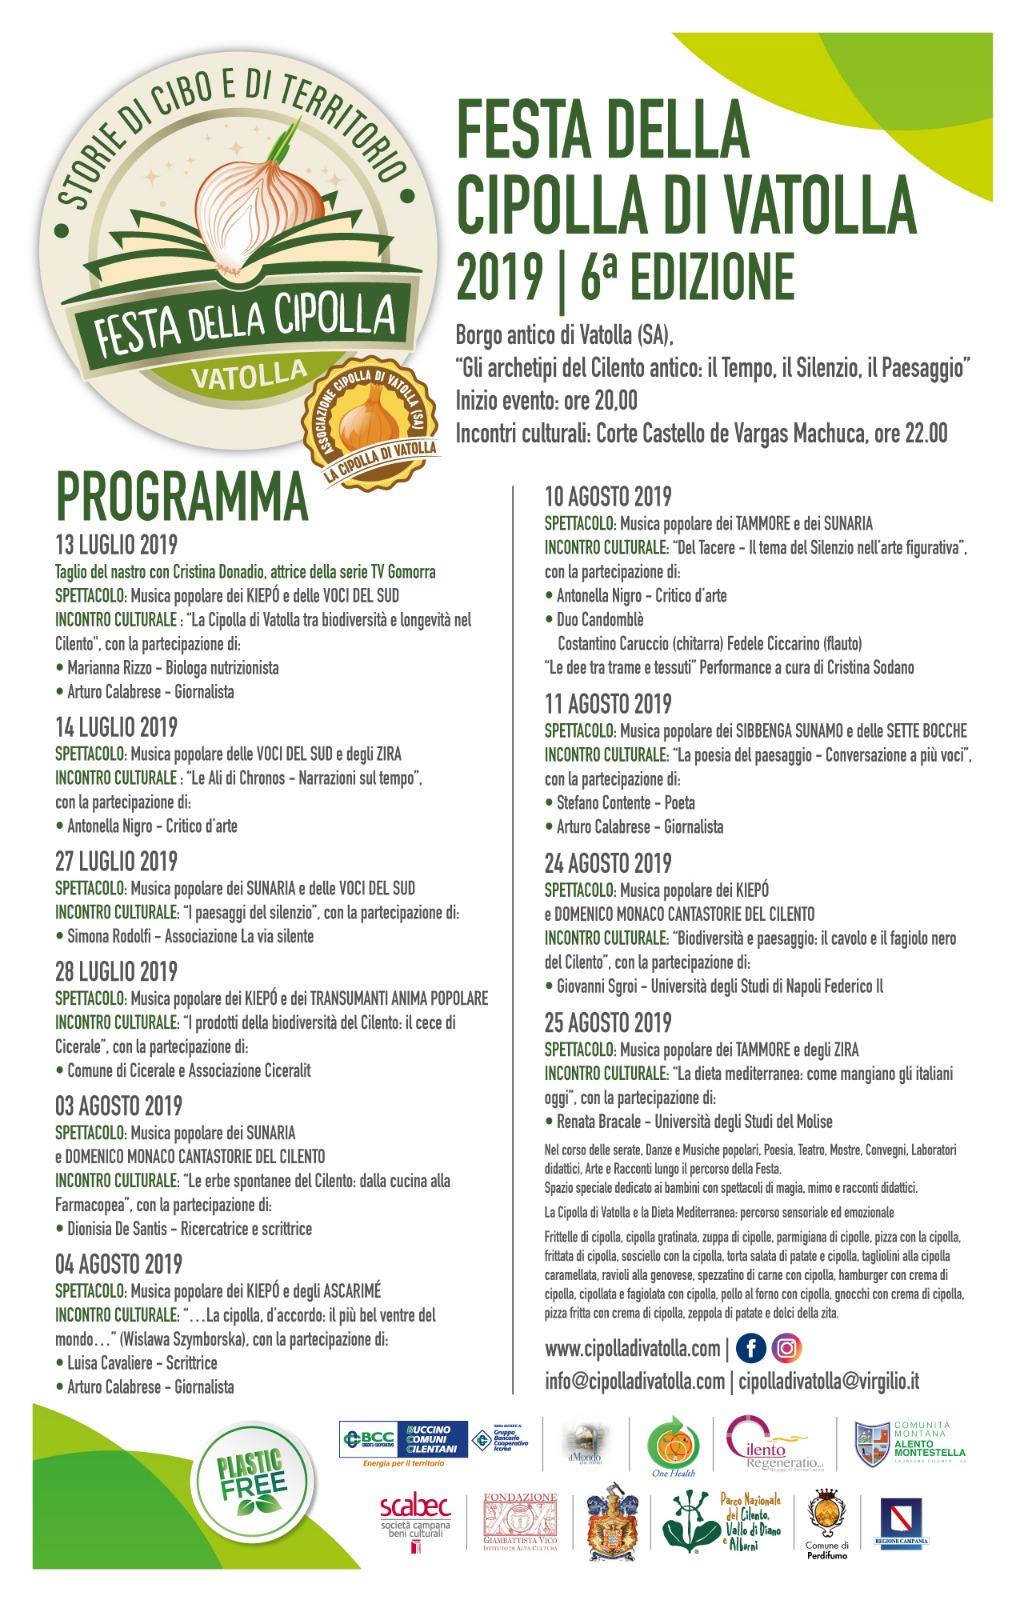 Calendario Cipolle 2019.Festa Della Cipolla Di Vatolla 2019 Con Tante Specialita Del